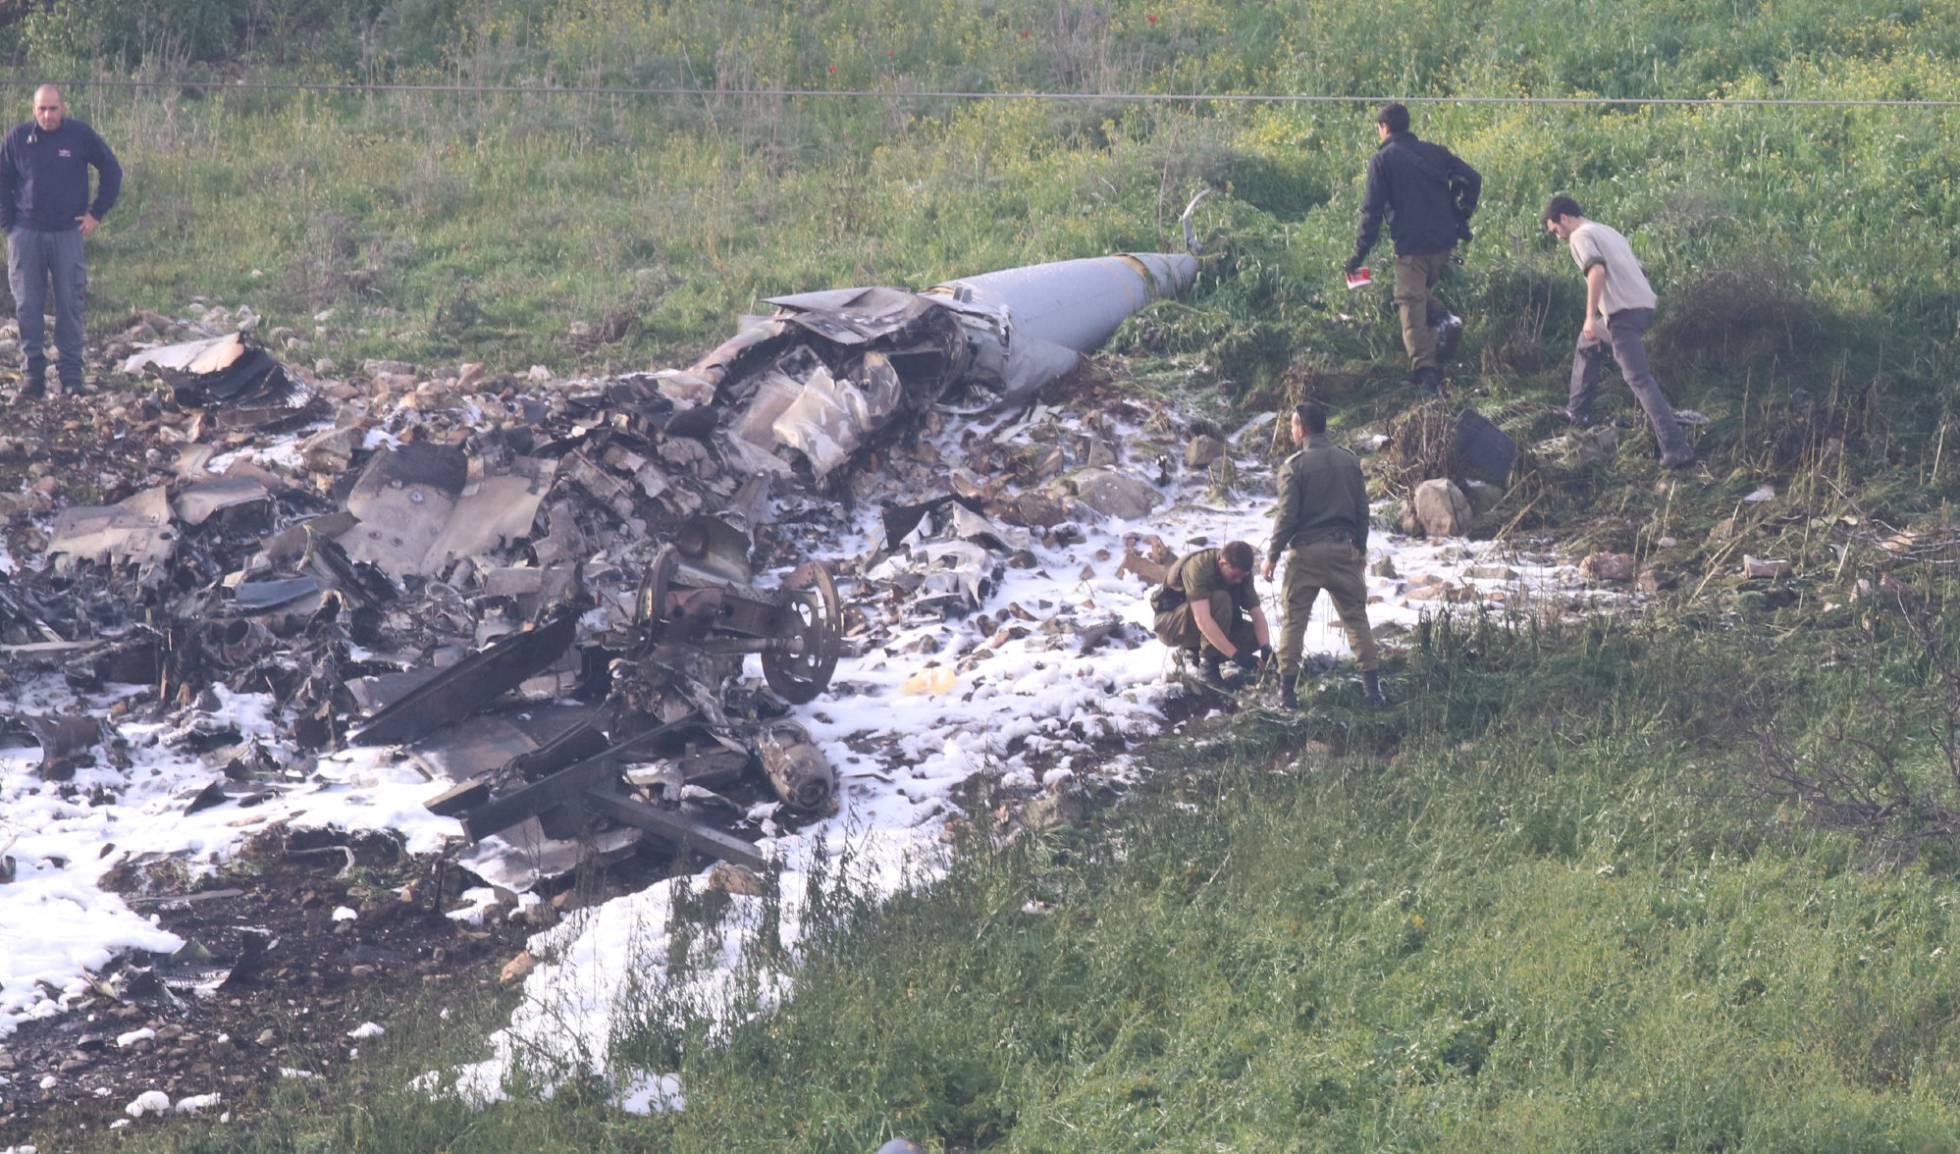 Israel - Israel en el conflicto en Siria - Página 10 1518245033_988046_1518245182_noticia_normal_recorte1